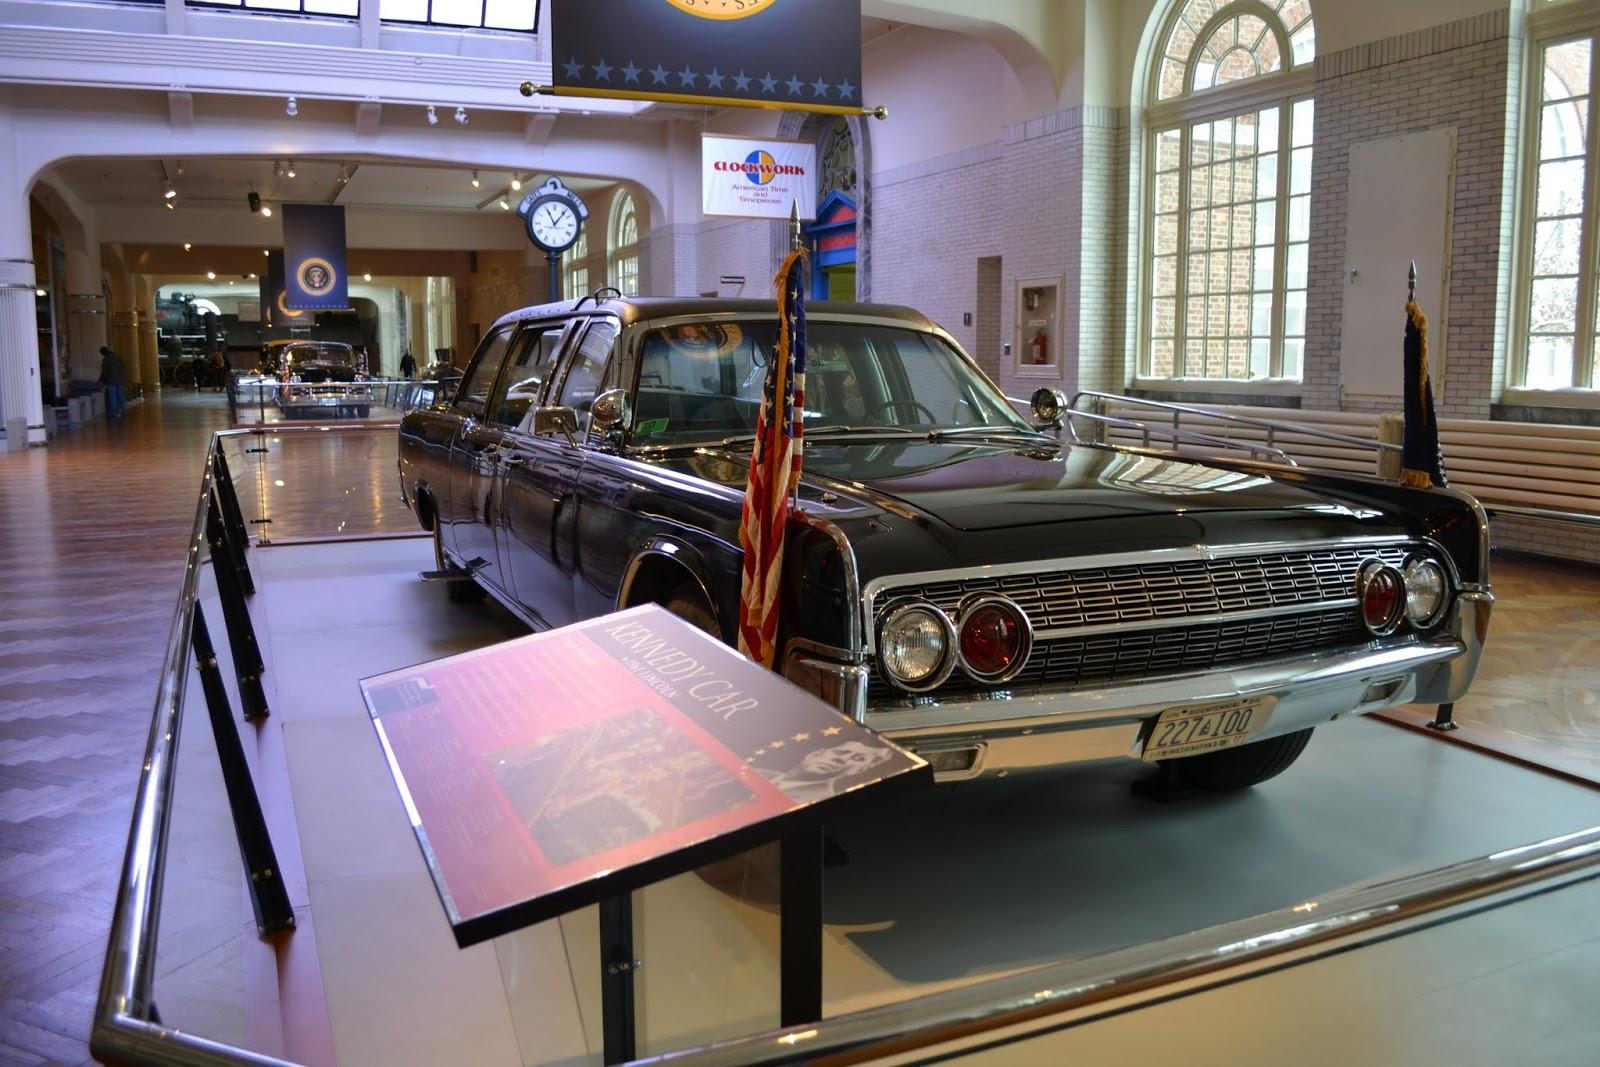 Музей Генри Форда - Автомобиль в котором застрелили Кеннеди (Henry Ford Museum - Presidential Limousines)